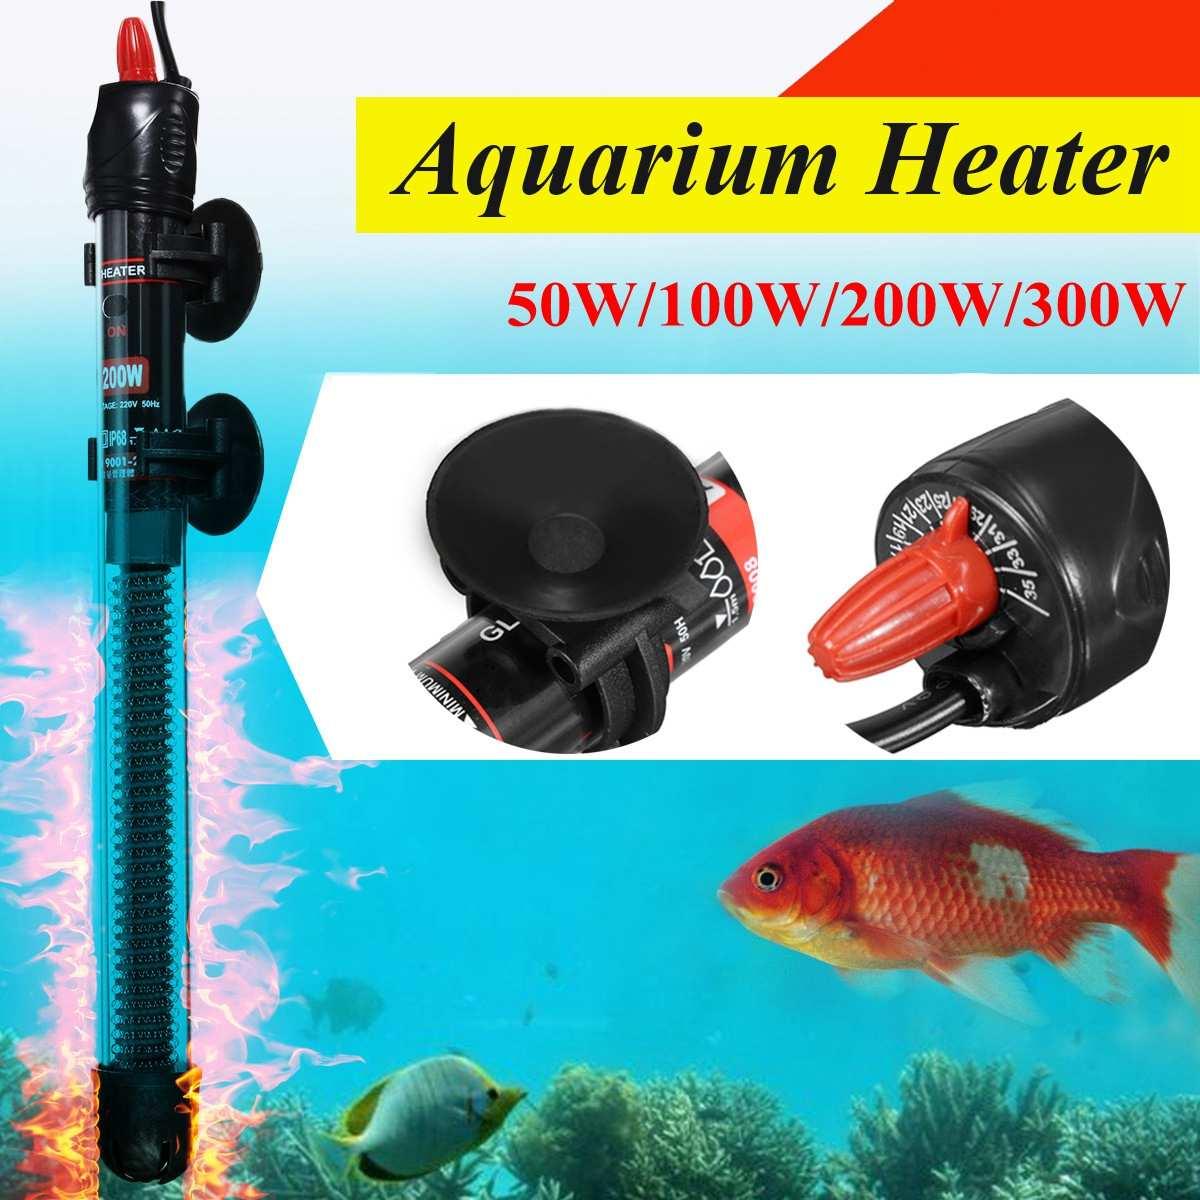 50W-300W Stainless Steel Aquarium Fish Tank Water Heater Mini Adjustable Heating Rod For Aquarium Temperature Control